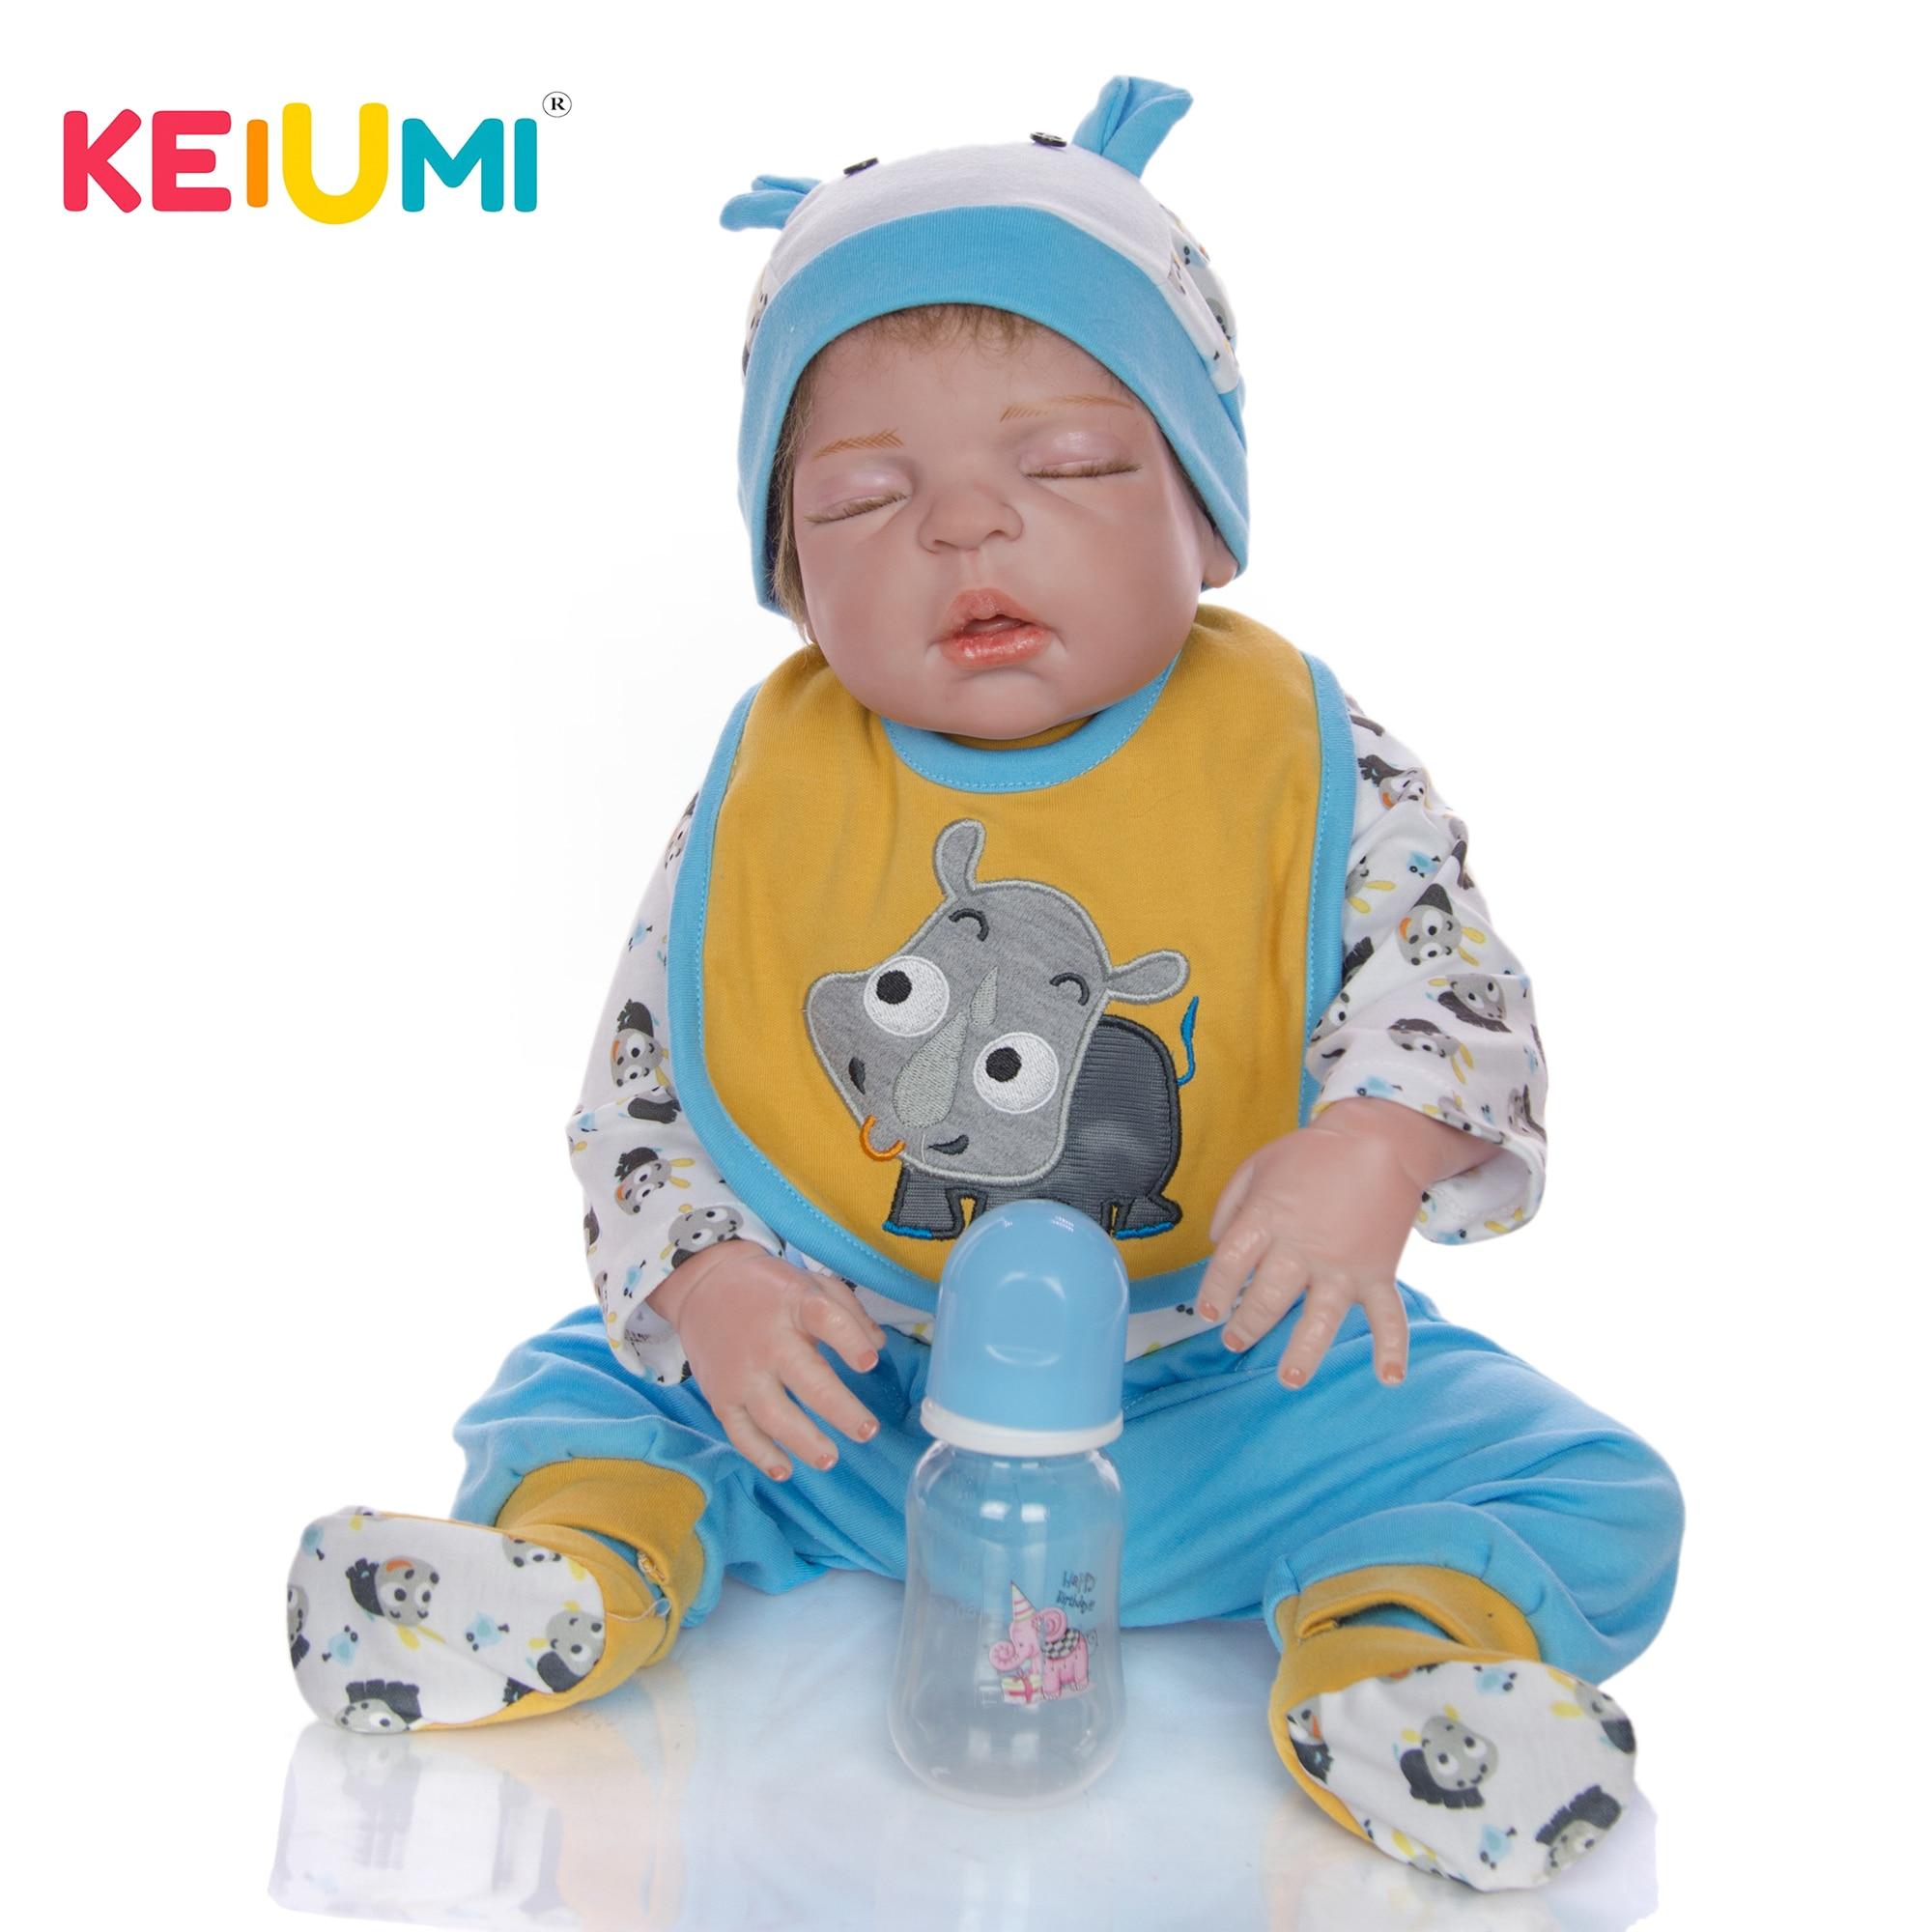 Muñecas Reborn realistas de 23 pulgadas y 57 cm, cuerpo completo de vinilo, silicona, muñeco realista para niños que duerme, juguetes para niños, regalos de cumpleaños